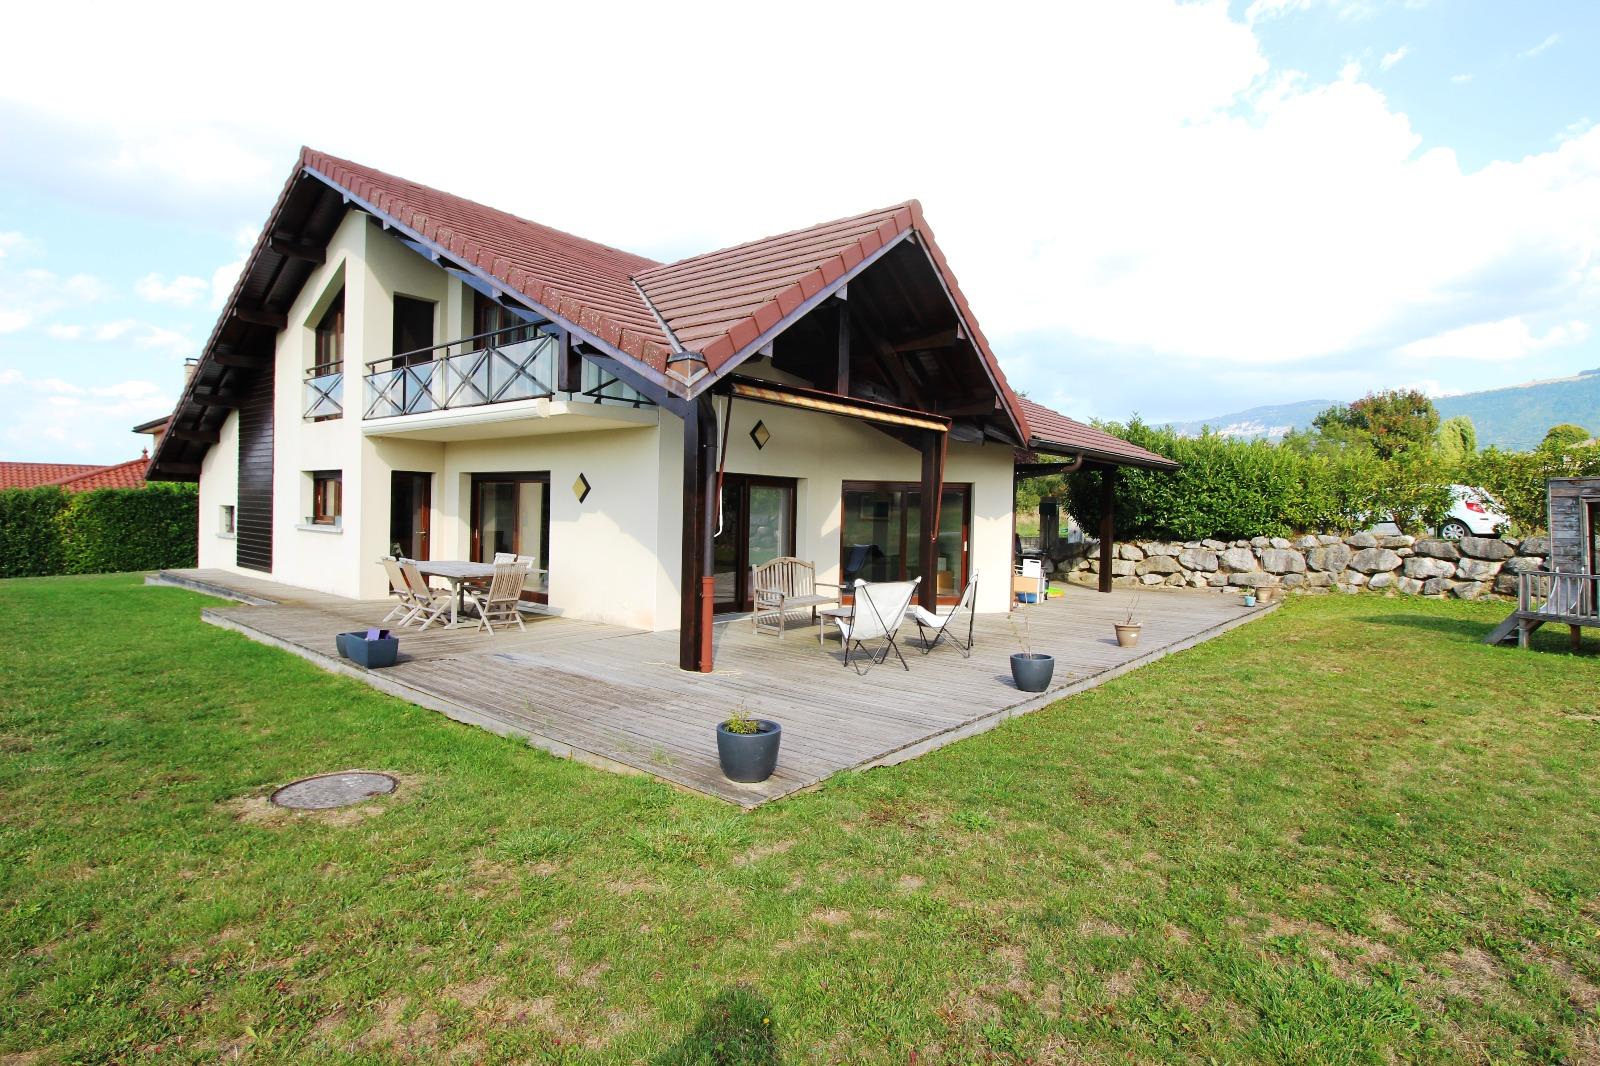 Location maison Isre (38) : annonces maisons louer, Immobilier